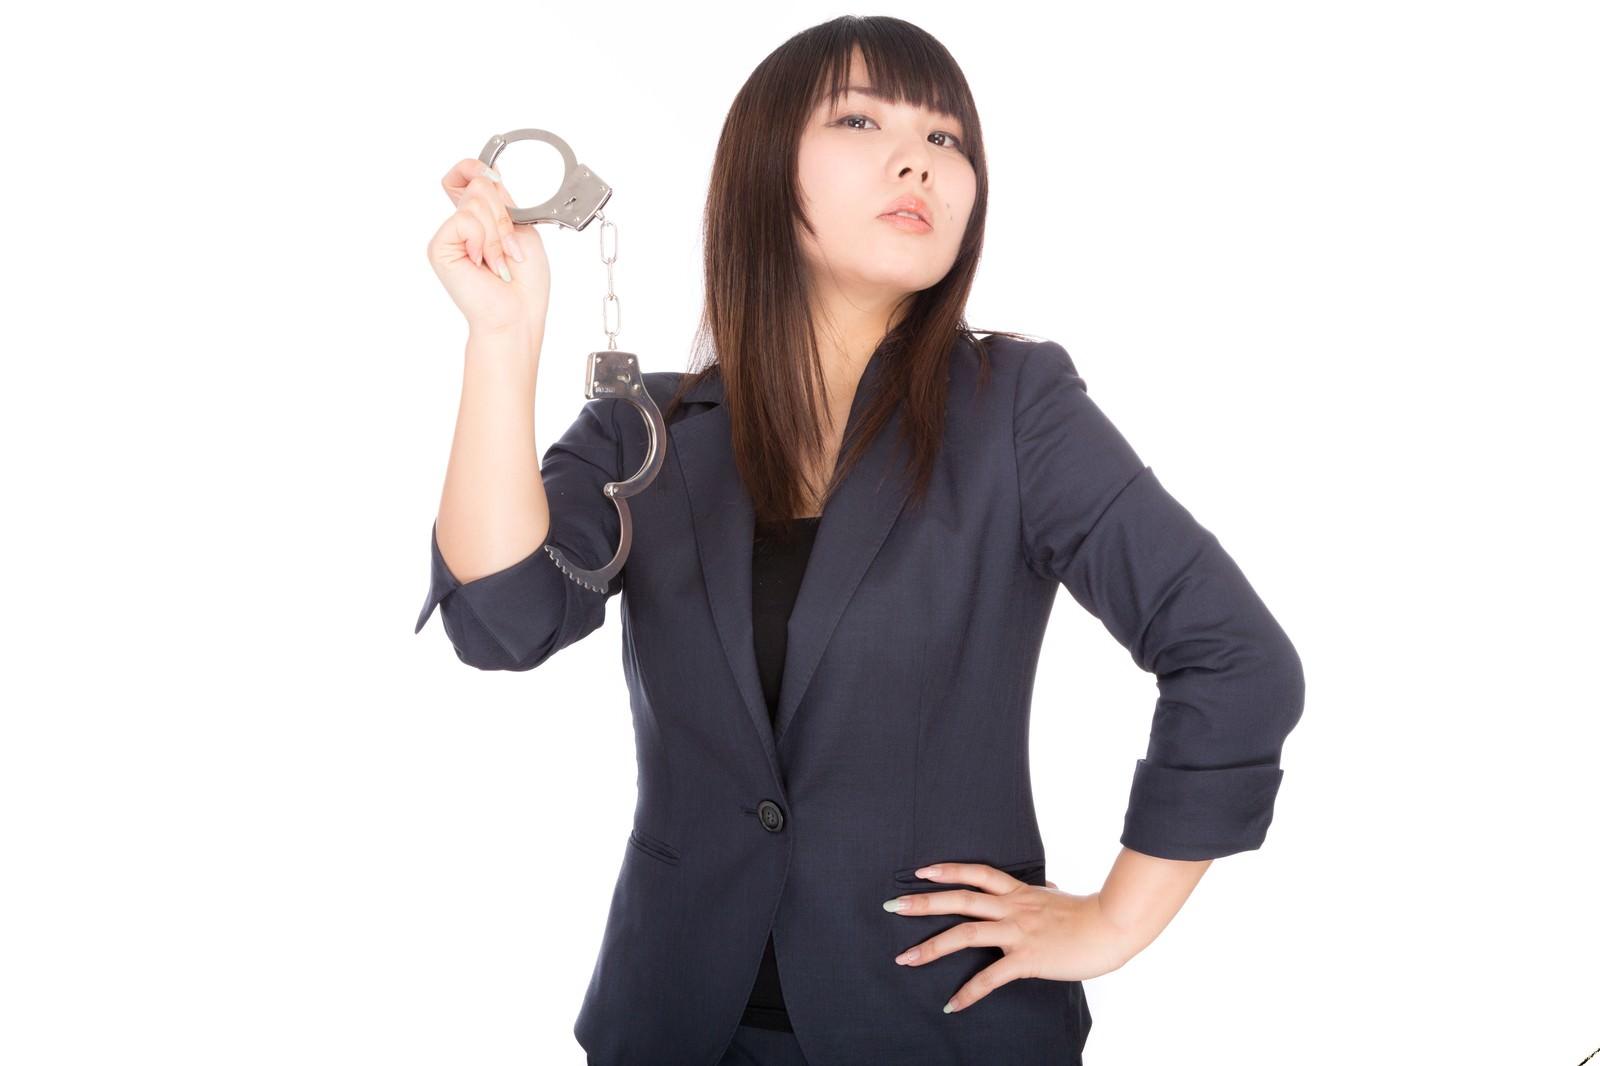 「手錠を掲げる高圧的な女性」の写真[モデル:Lala]